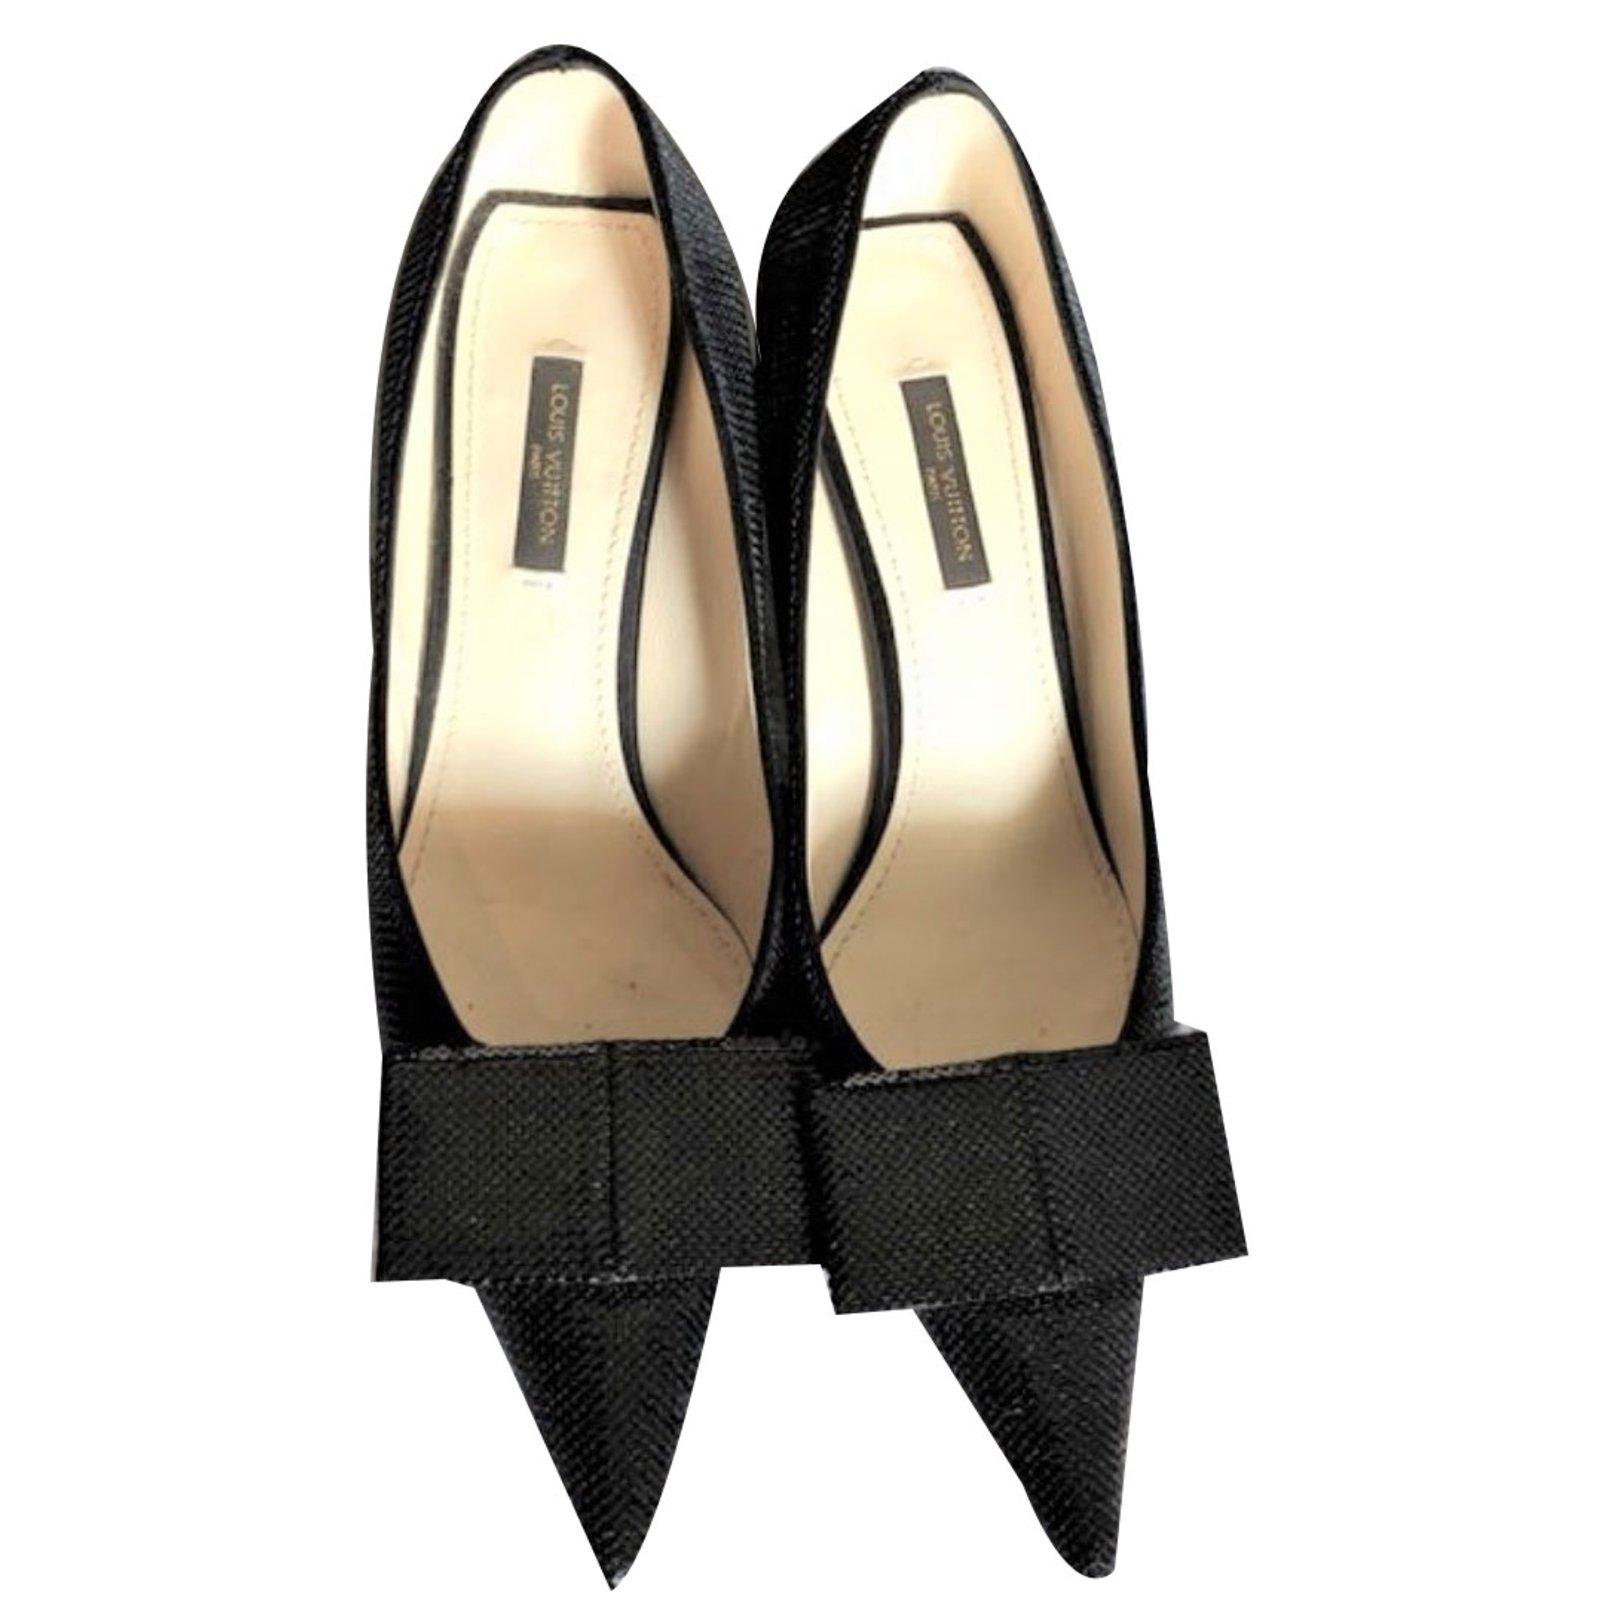 fe0b009017 Louis Vuitton Louis Vuitton Black sequinned pumps shoes EU 37 Heels Metal  Black ref.74133